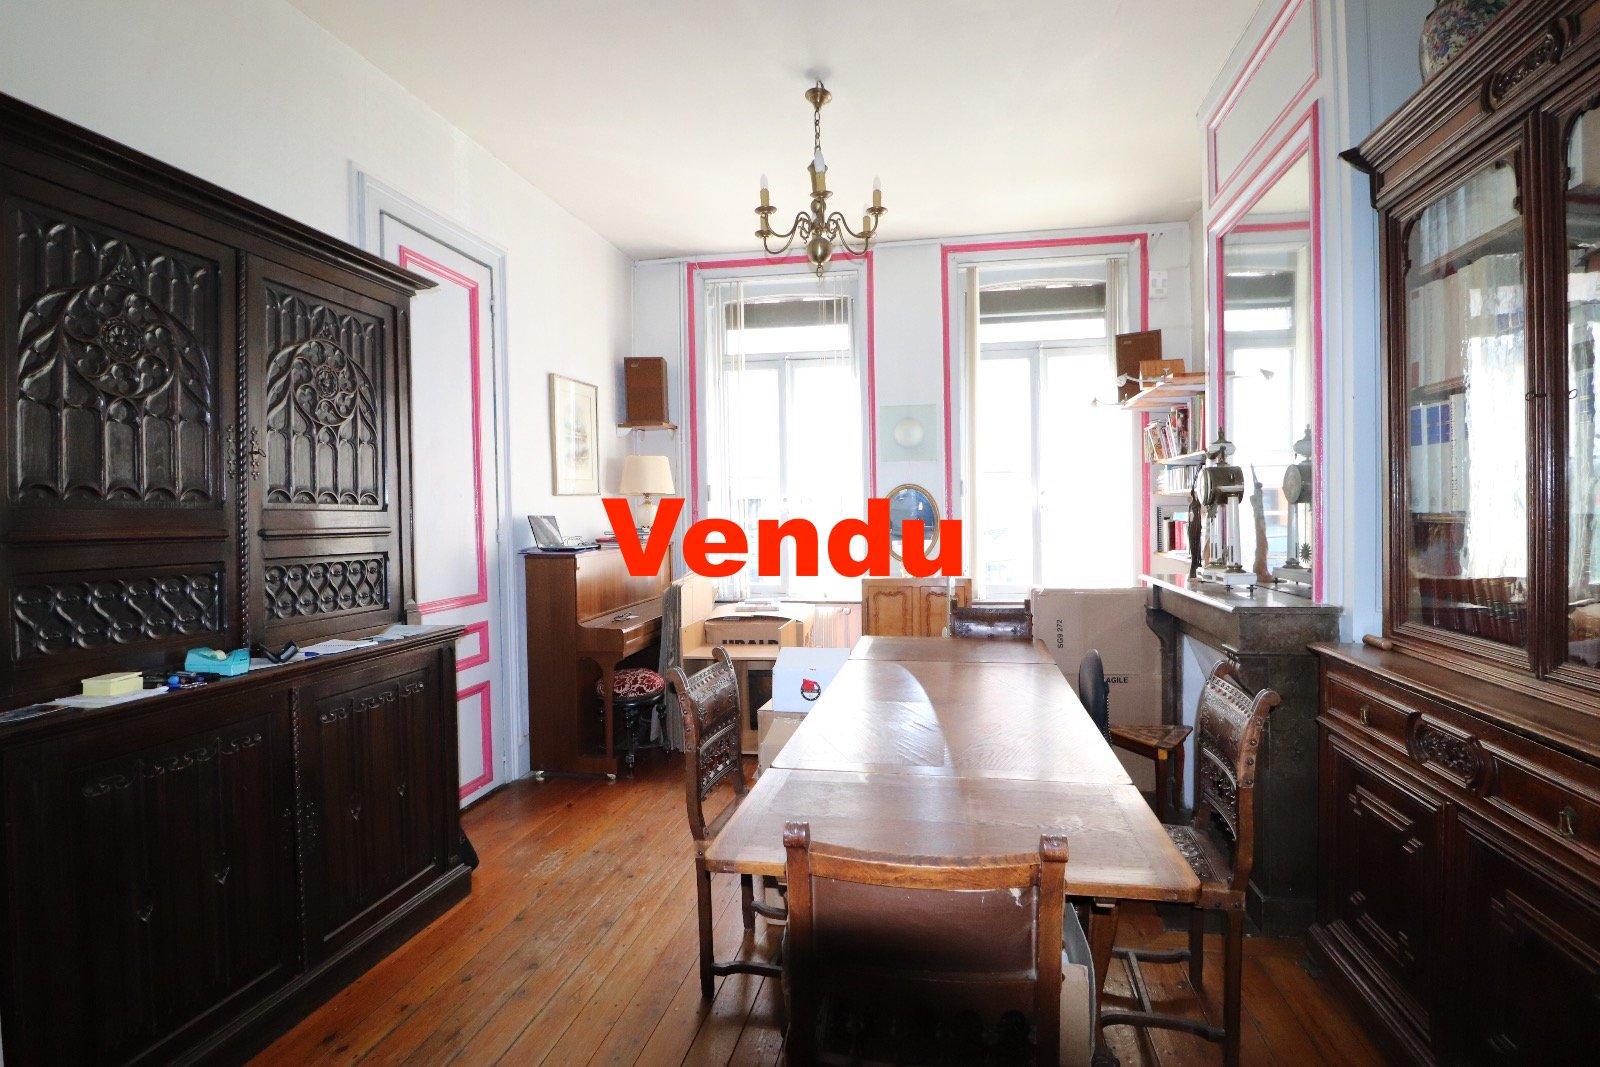 Vente maison bourgeoise de 171m2 lille saint maurice 3 com - Maison bourgeoise lille ...